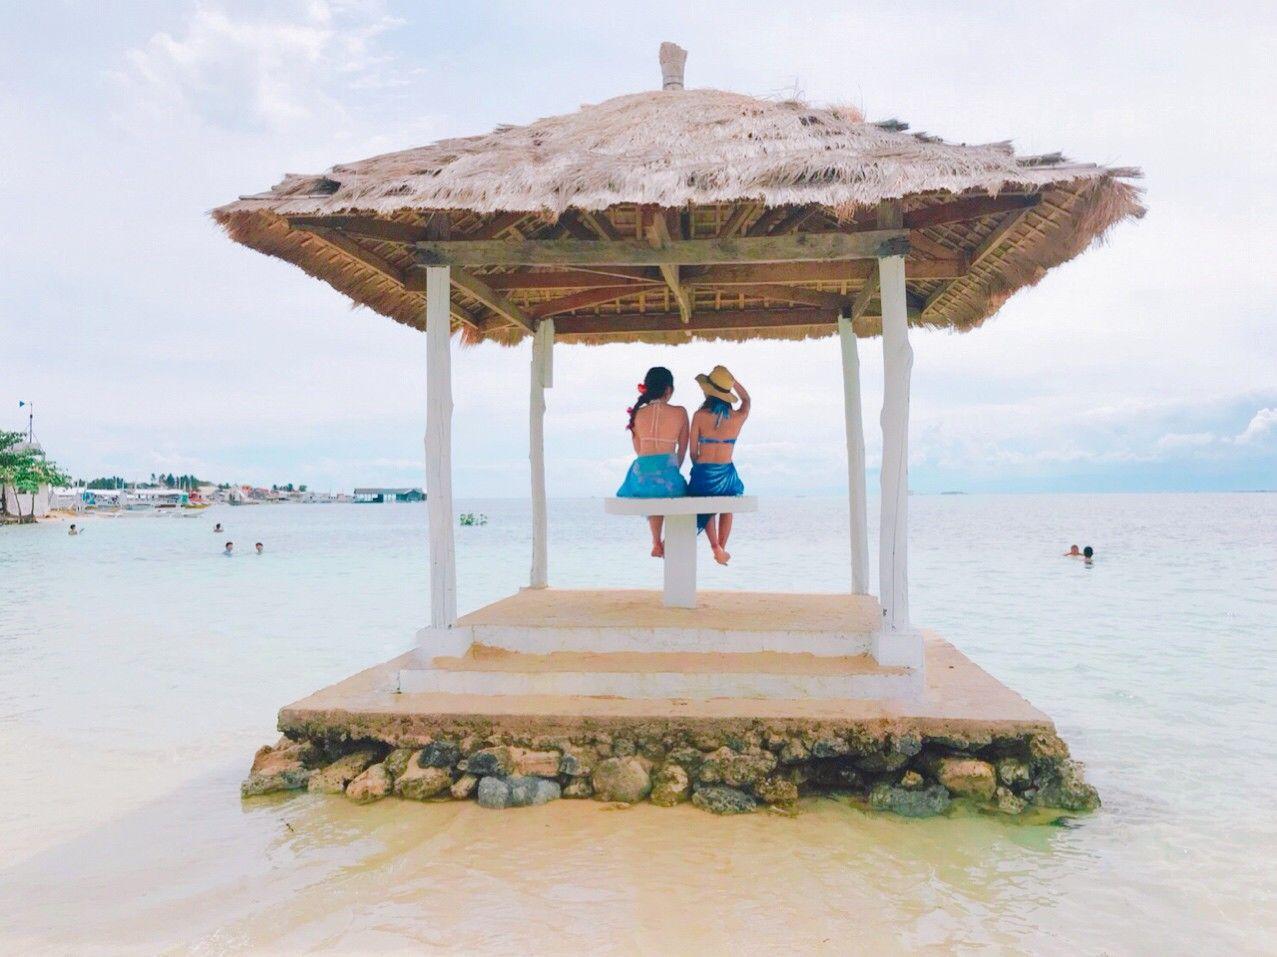 お得に行くコツも!夏休みに行きたい海外おすすめ旅行先10選【2020】